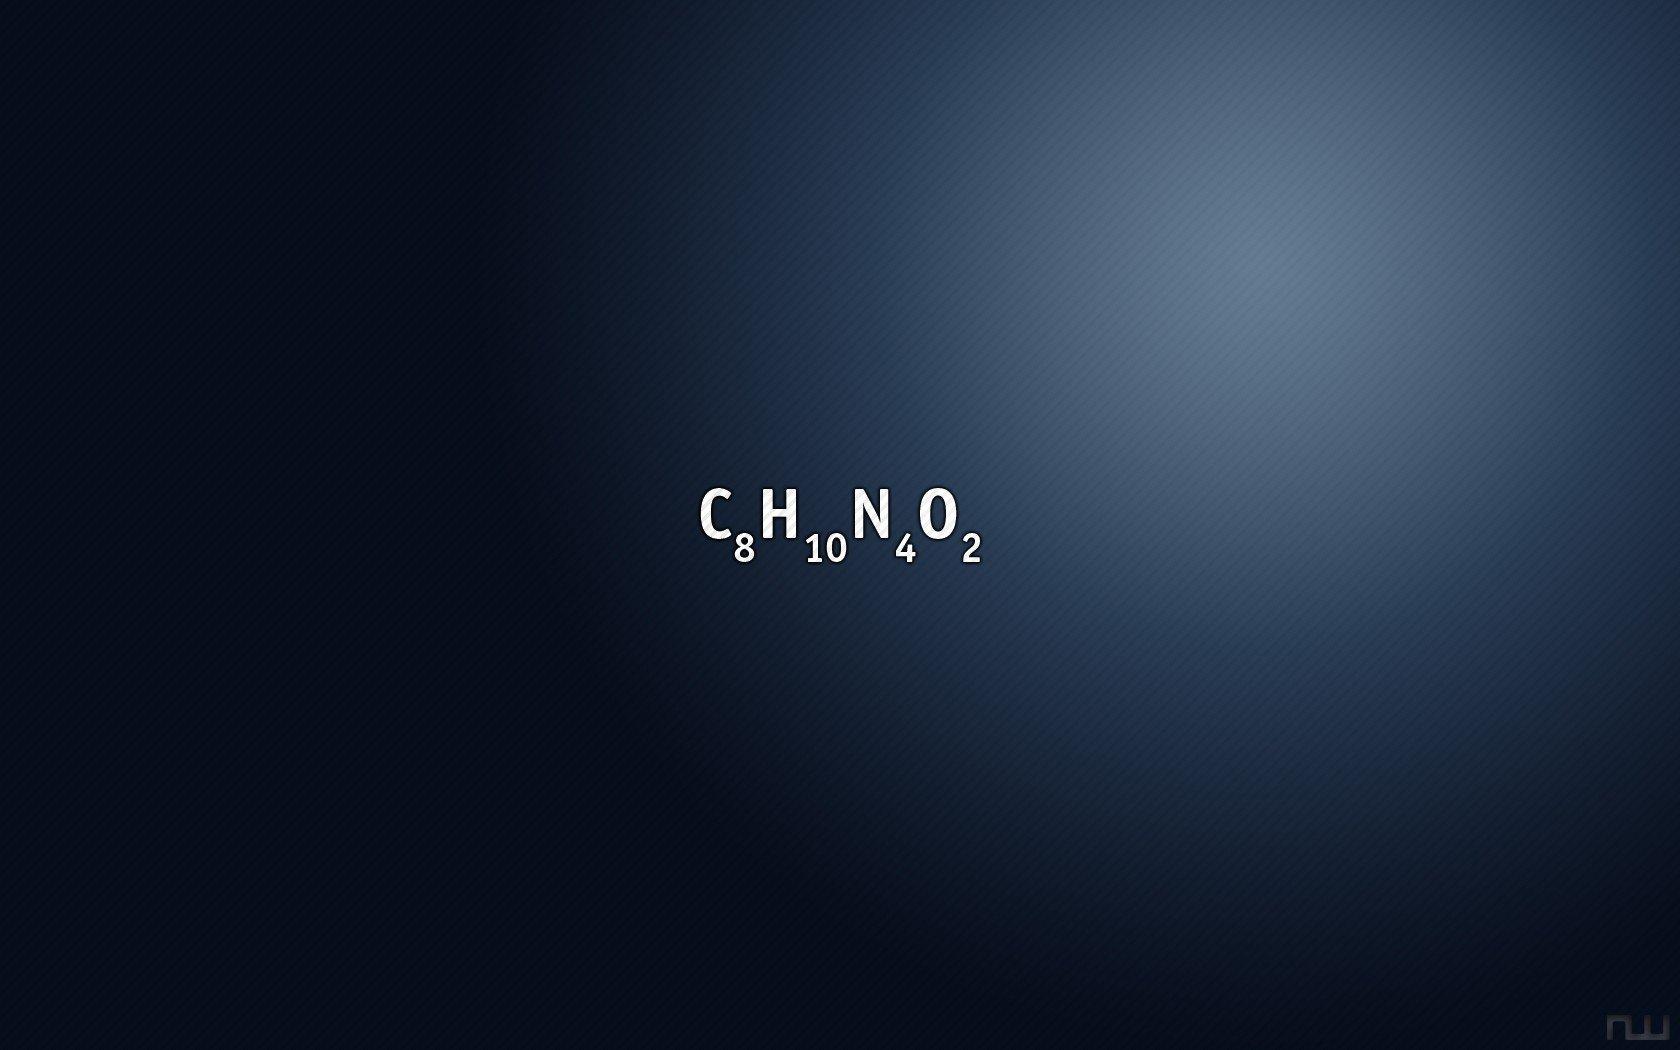 デスクトップ壁紙 1680x1050 Px カフェイン 化学 ミニマリズム